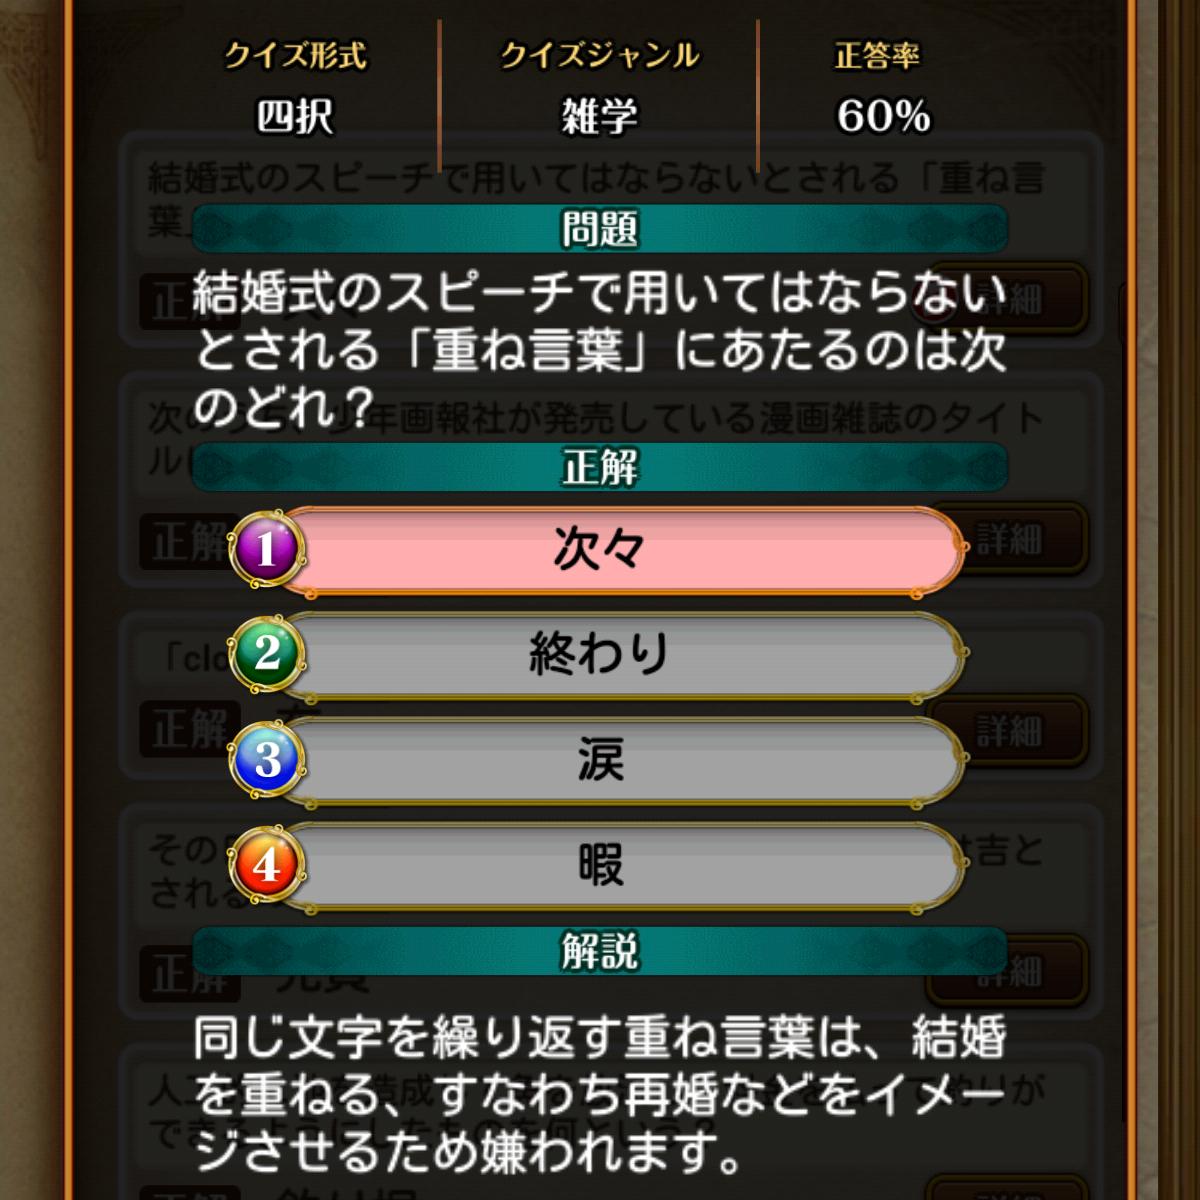 f:id:Tairax:20210626165535p:plain